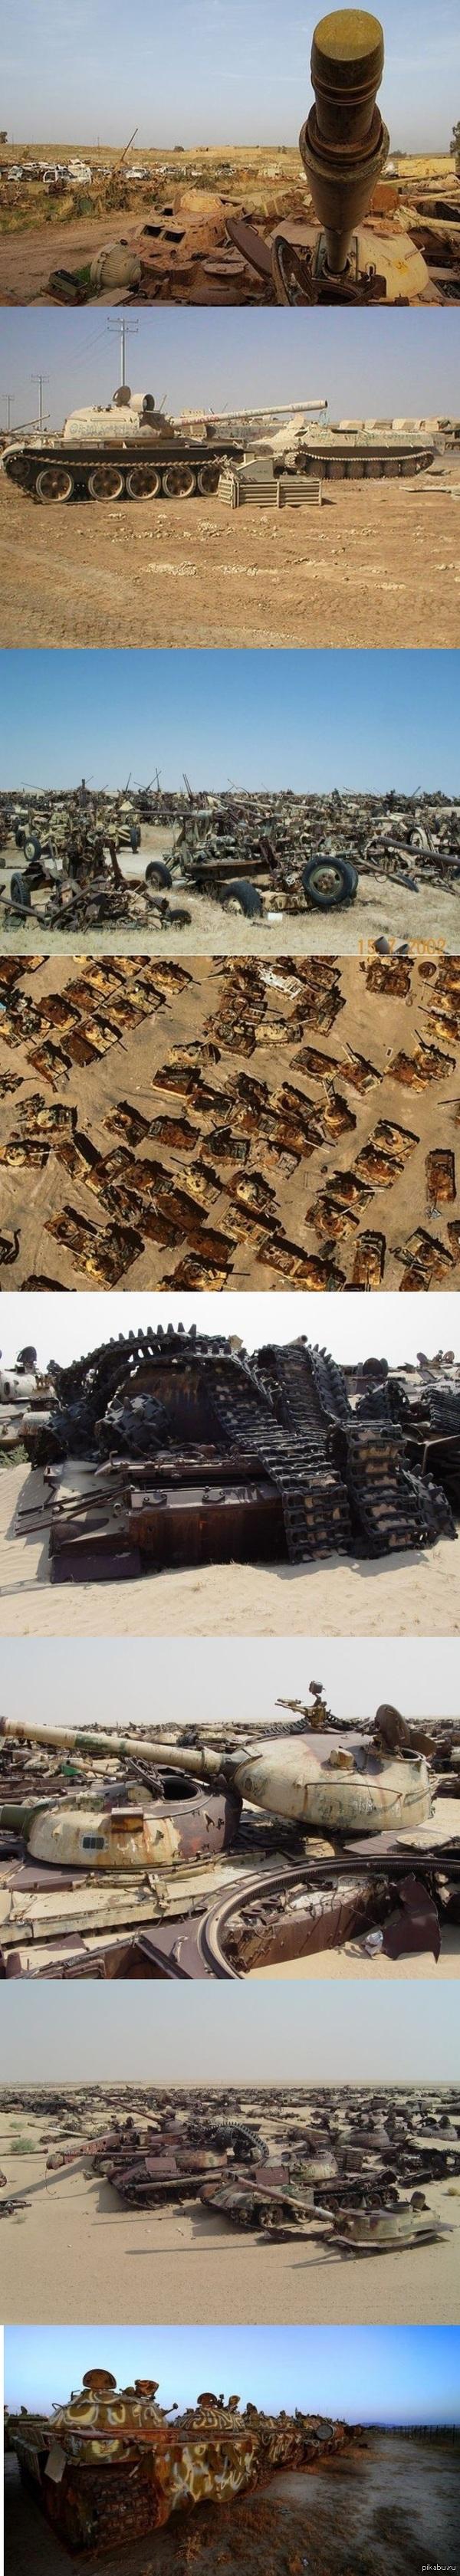 Кладбище танков в Кувейте